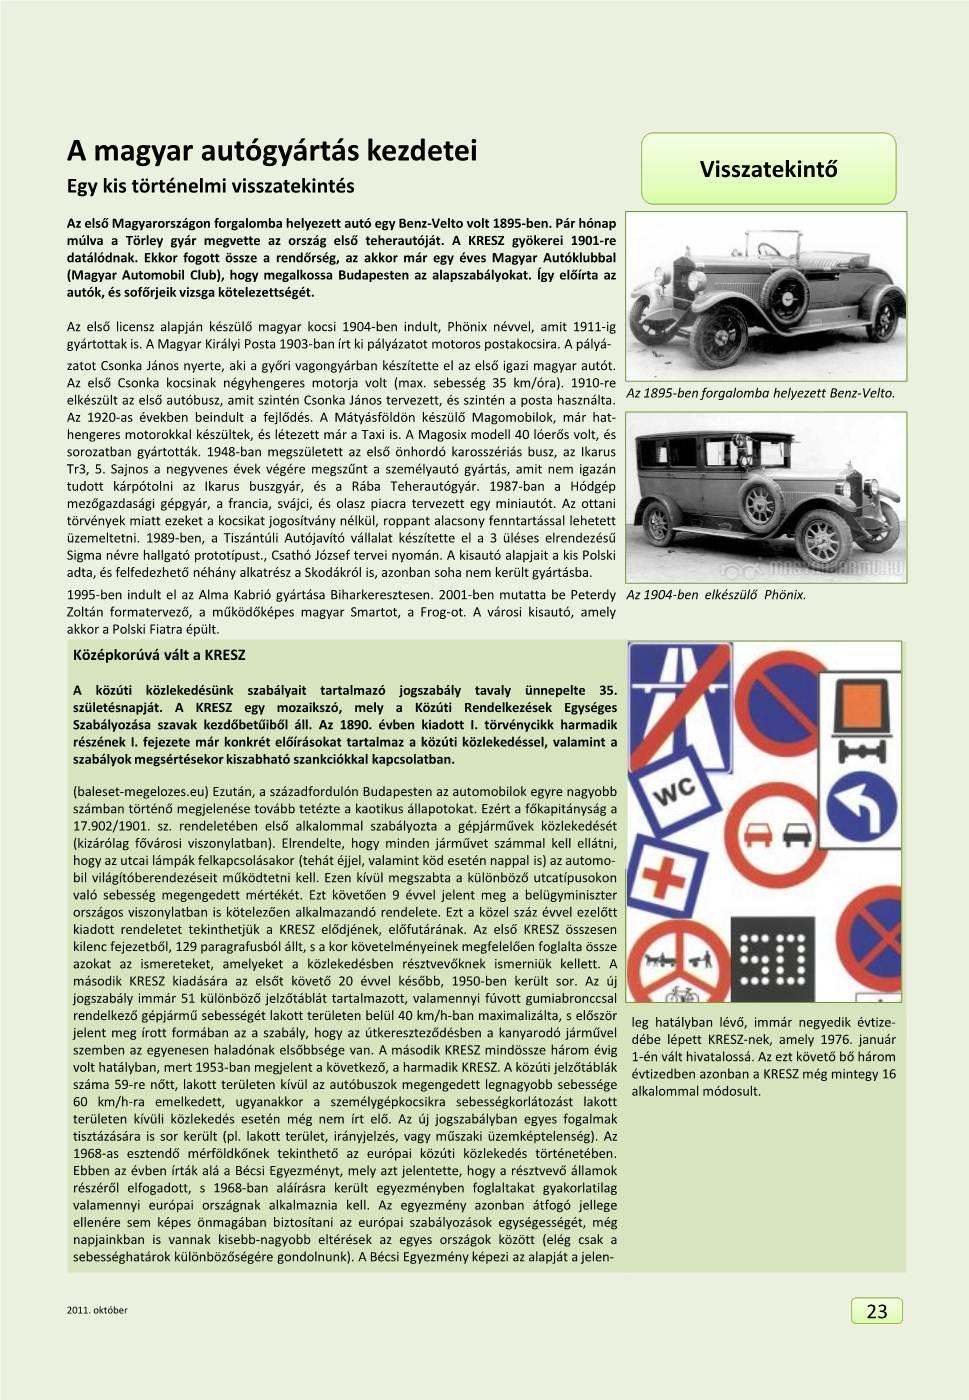 Visszatekintő - A magyar autógyártás kezdetei